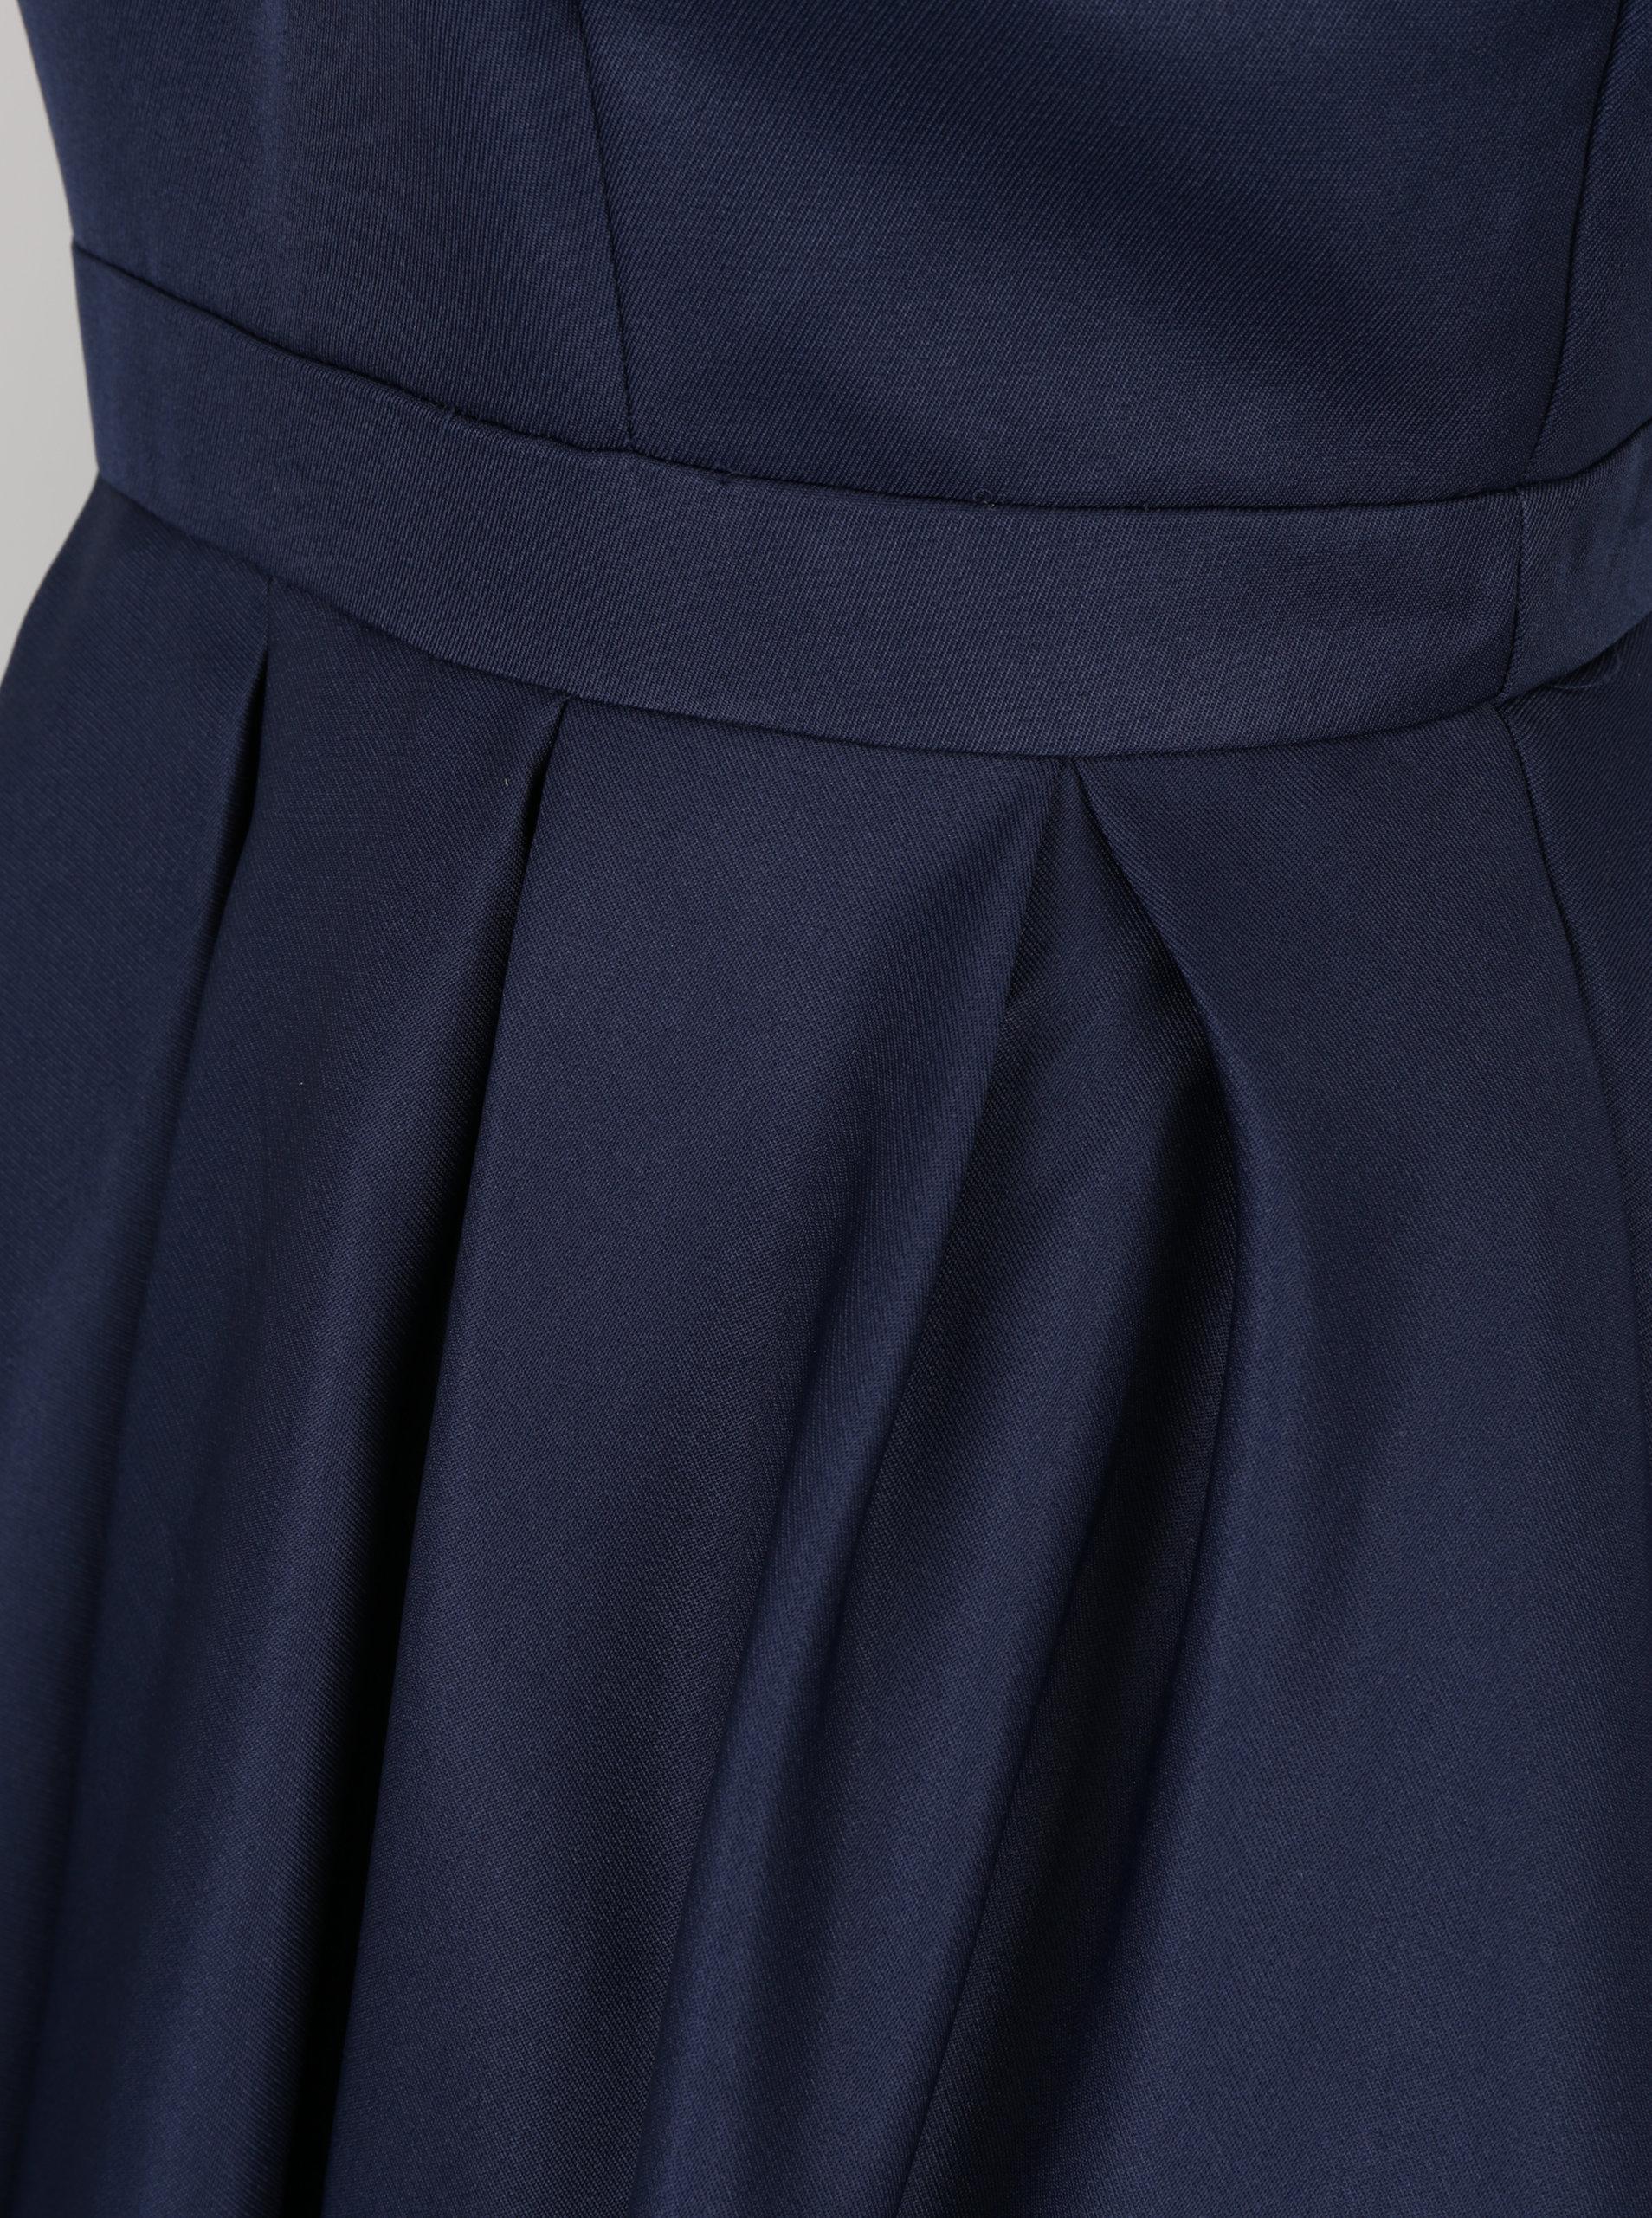 aae00c49c11f Tmavomodré šaty s výstrihom na chrbte Chi Chi London Zara ...